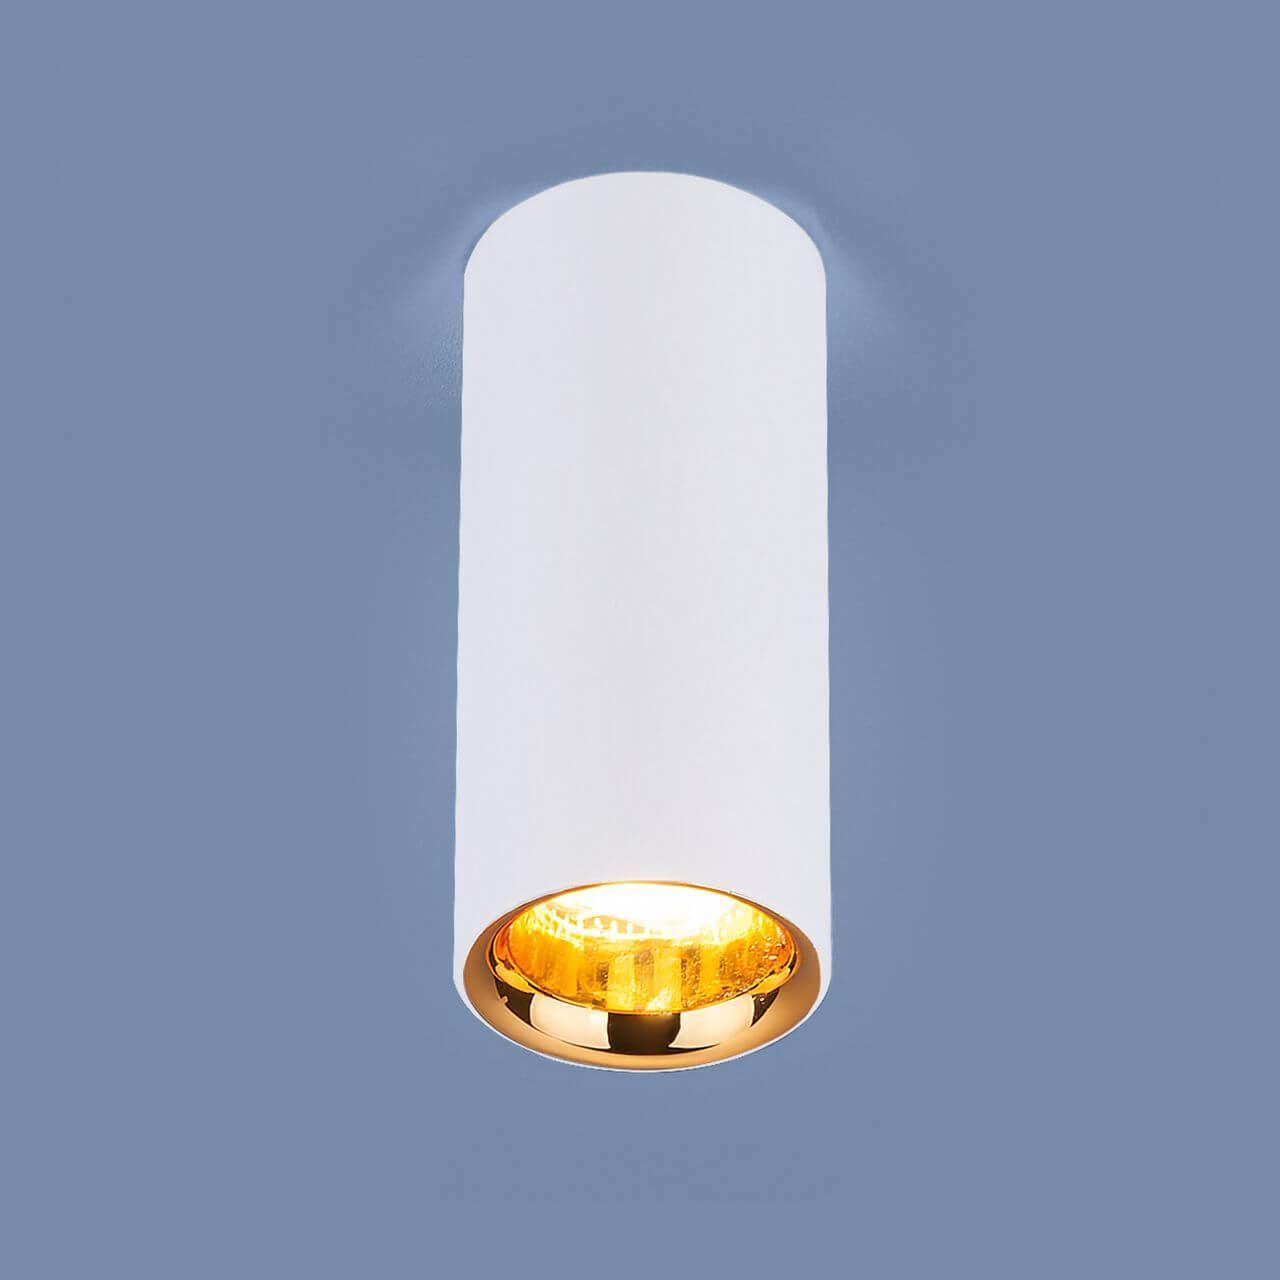 Потолочный светодиодный светильник Elektrostandard DLR030 12W 4200K белый матовый 4690389122026 потолочный светодиодный светильник elektrostandard dlr022 12w 4200k белый матовый 4690389102974